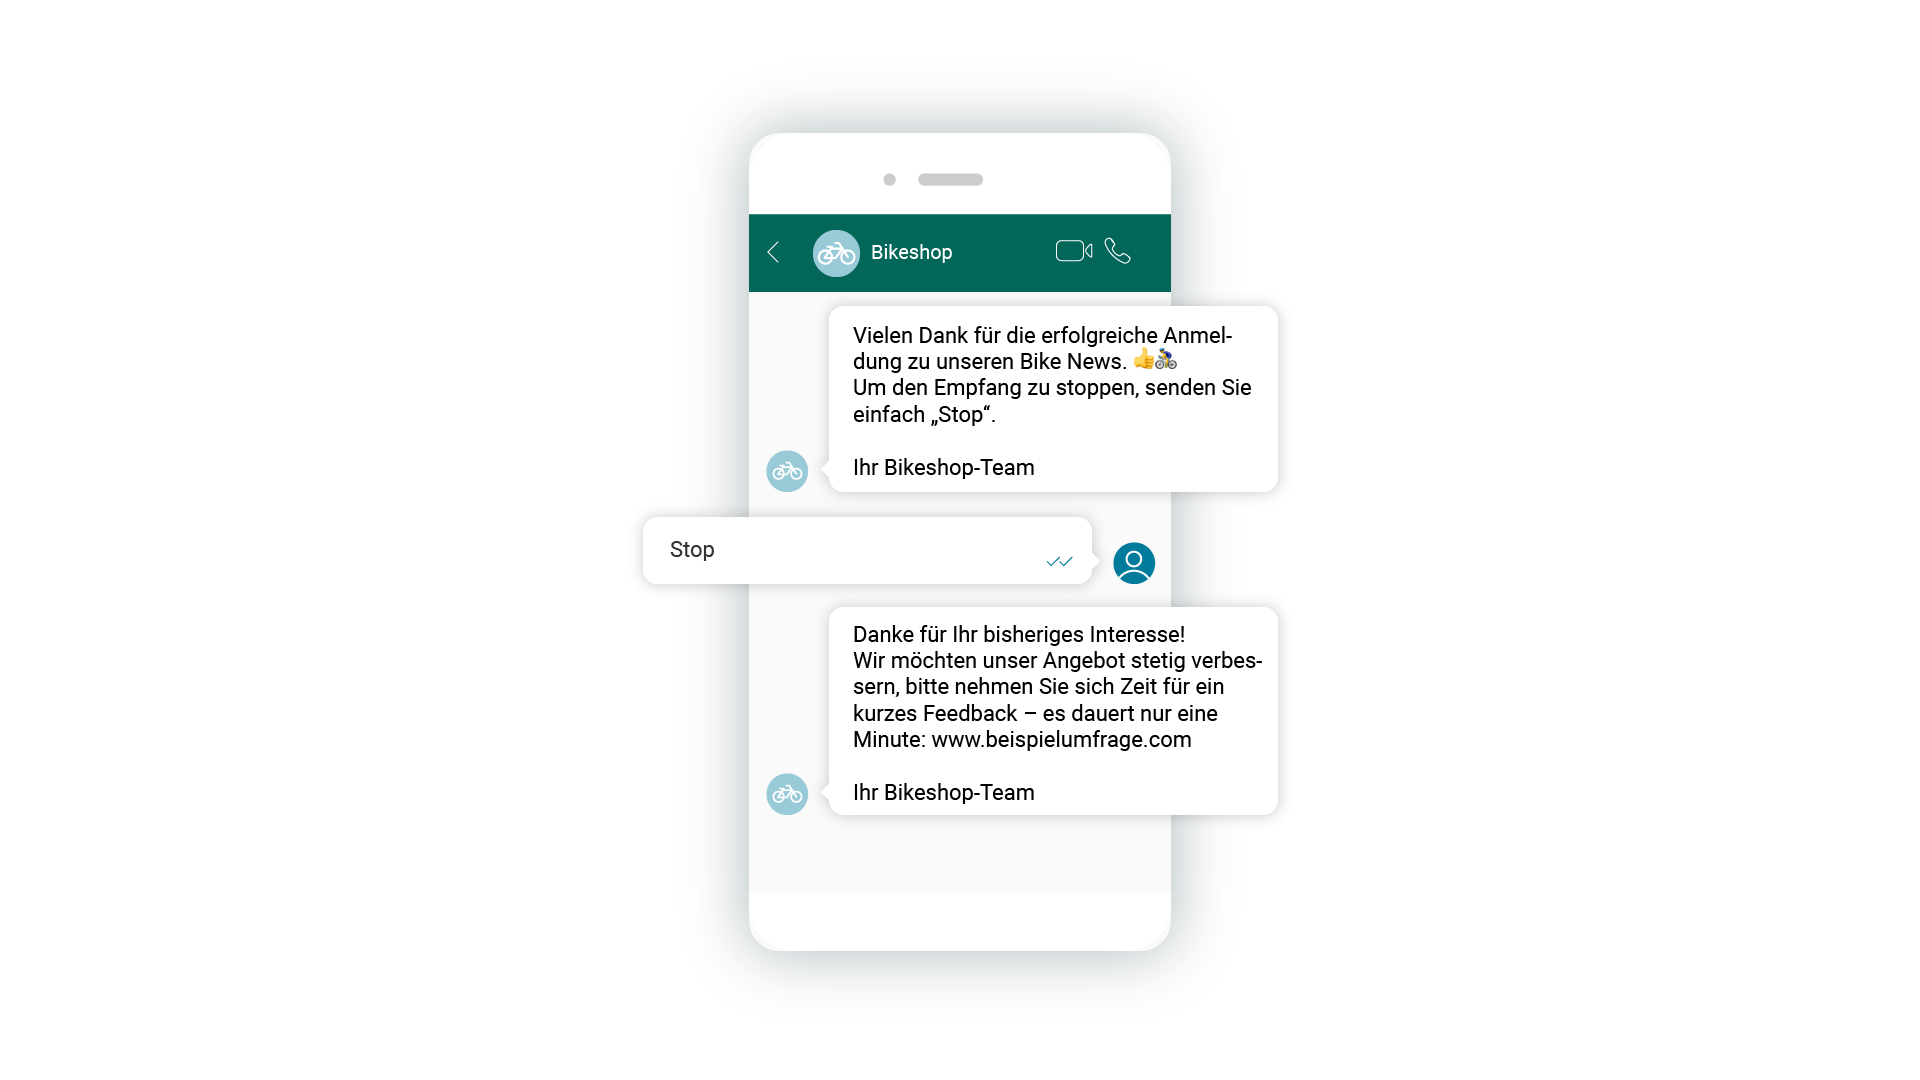 LINK Mobility - automatisierte Verabschiedungen mittels WhatsApp Business einrichten